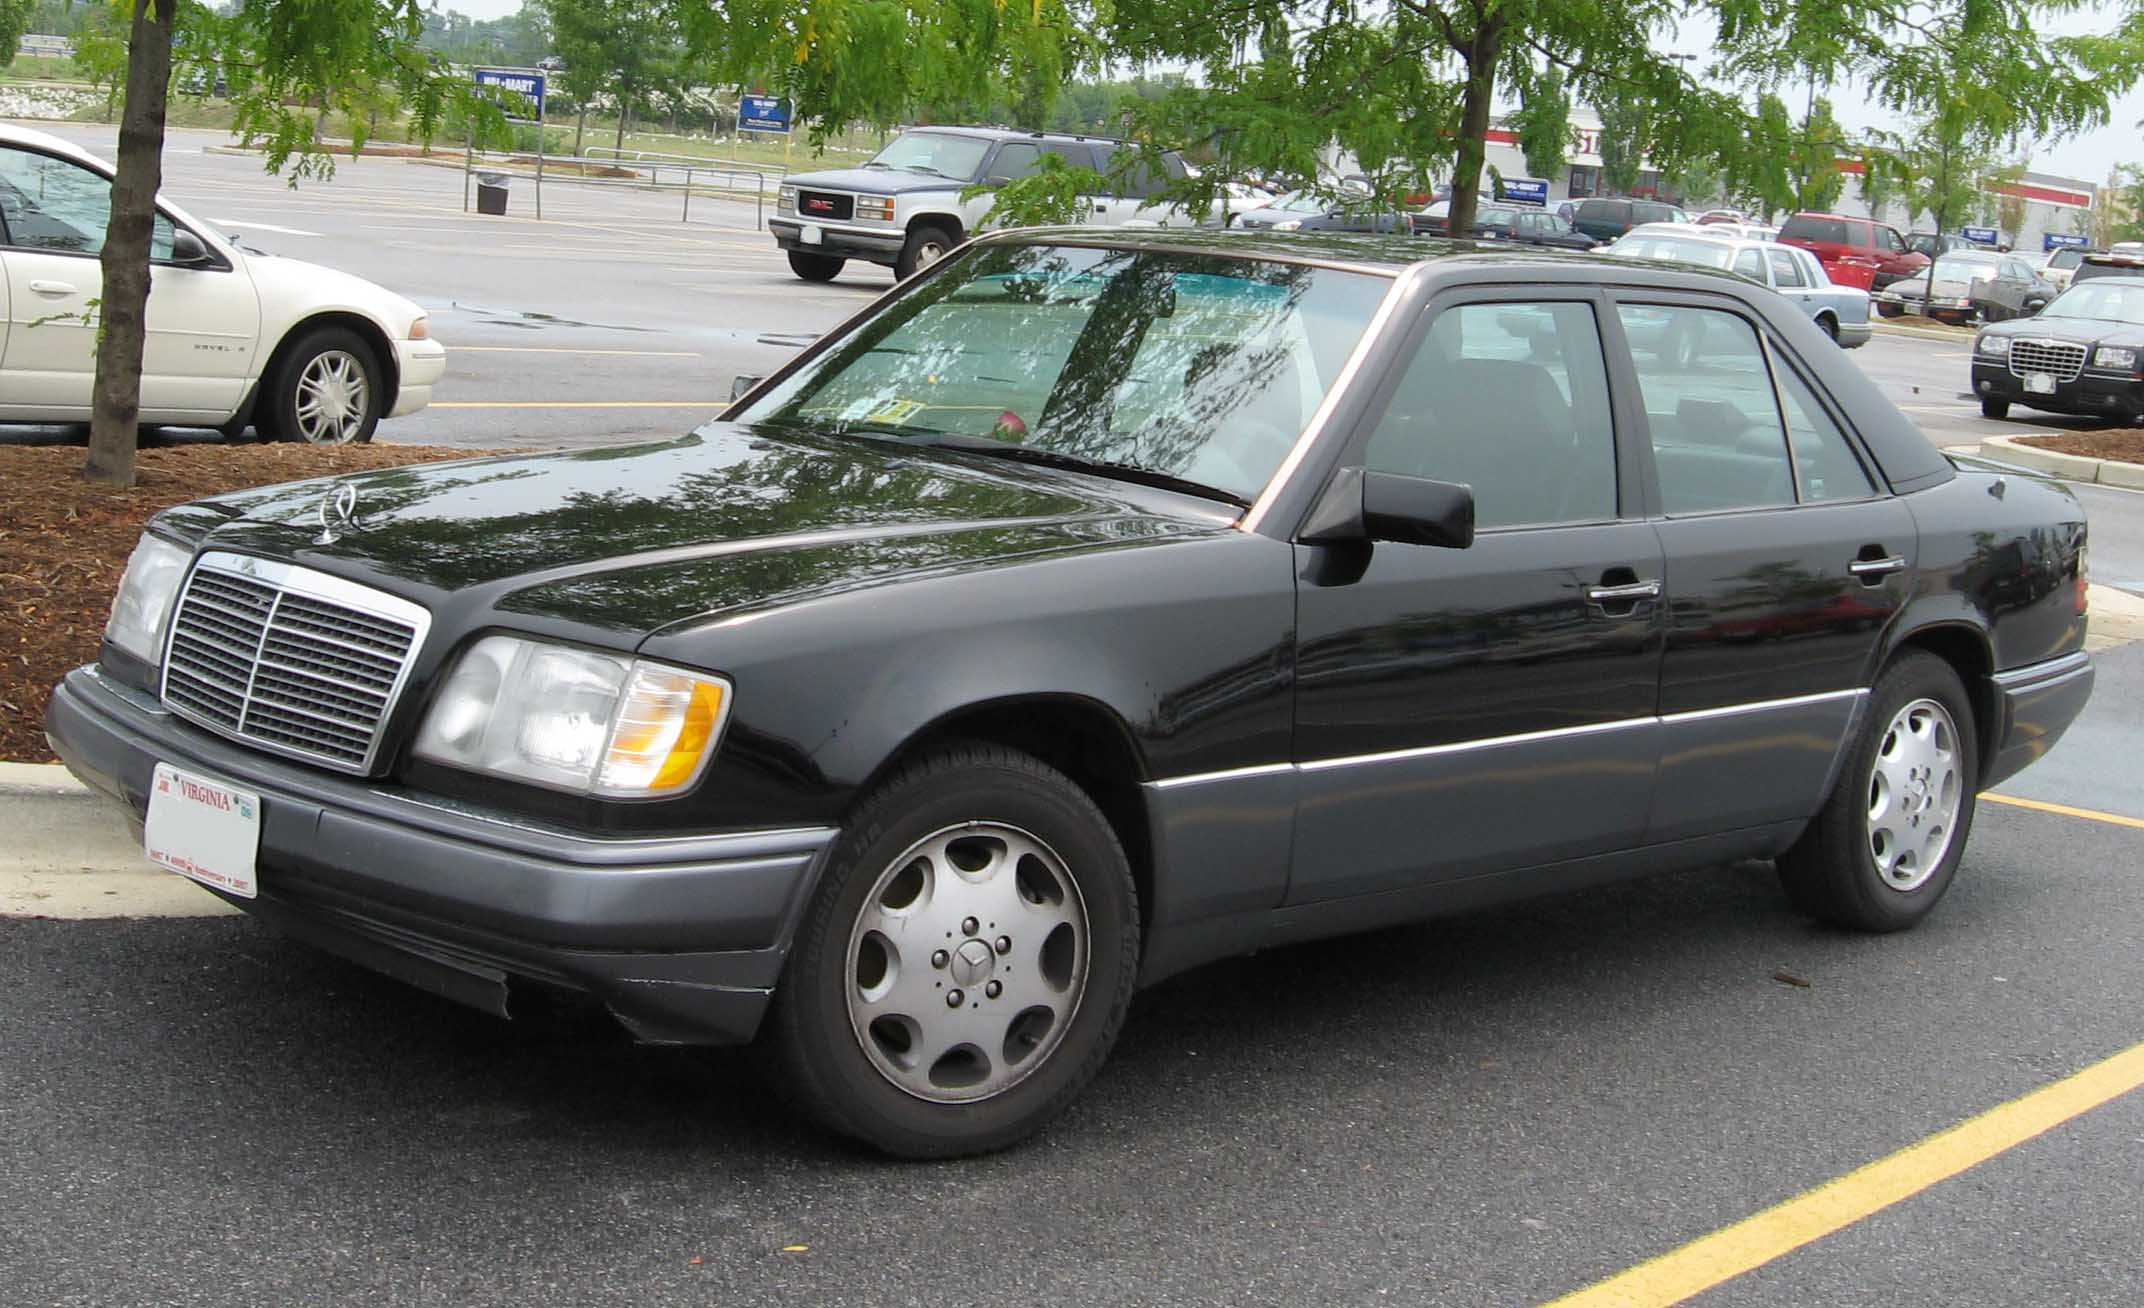 Mercedes Benz E класс это Что такое Mercedes Benz E